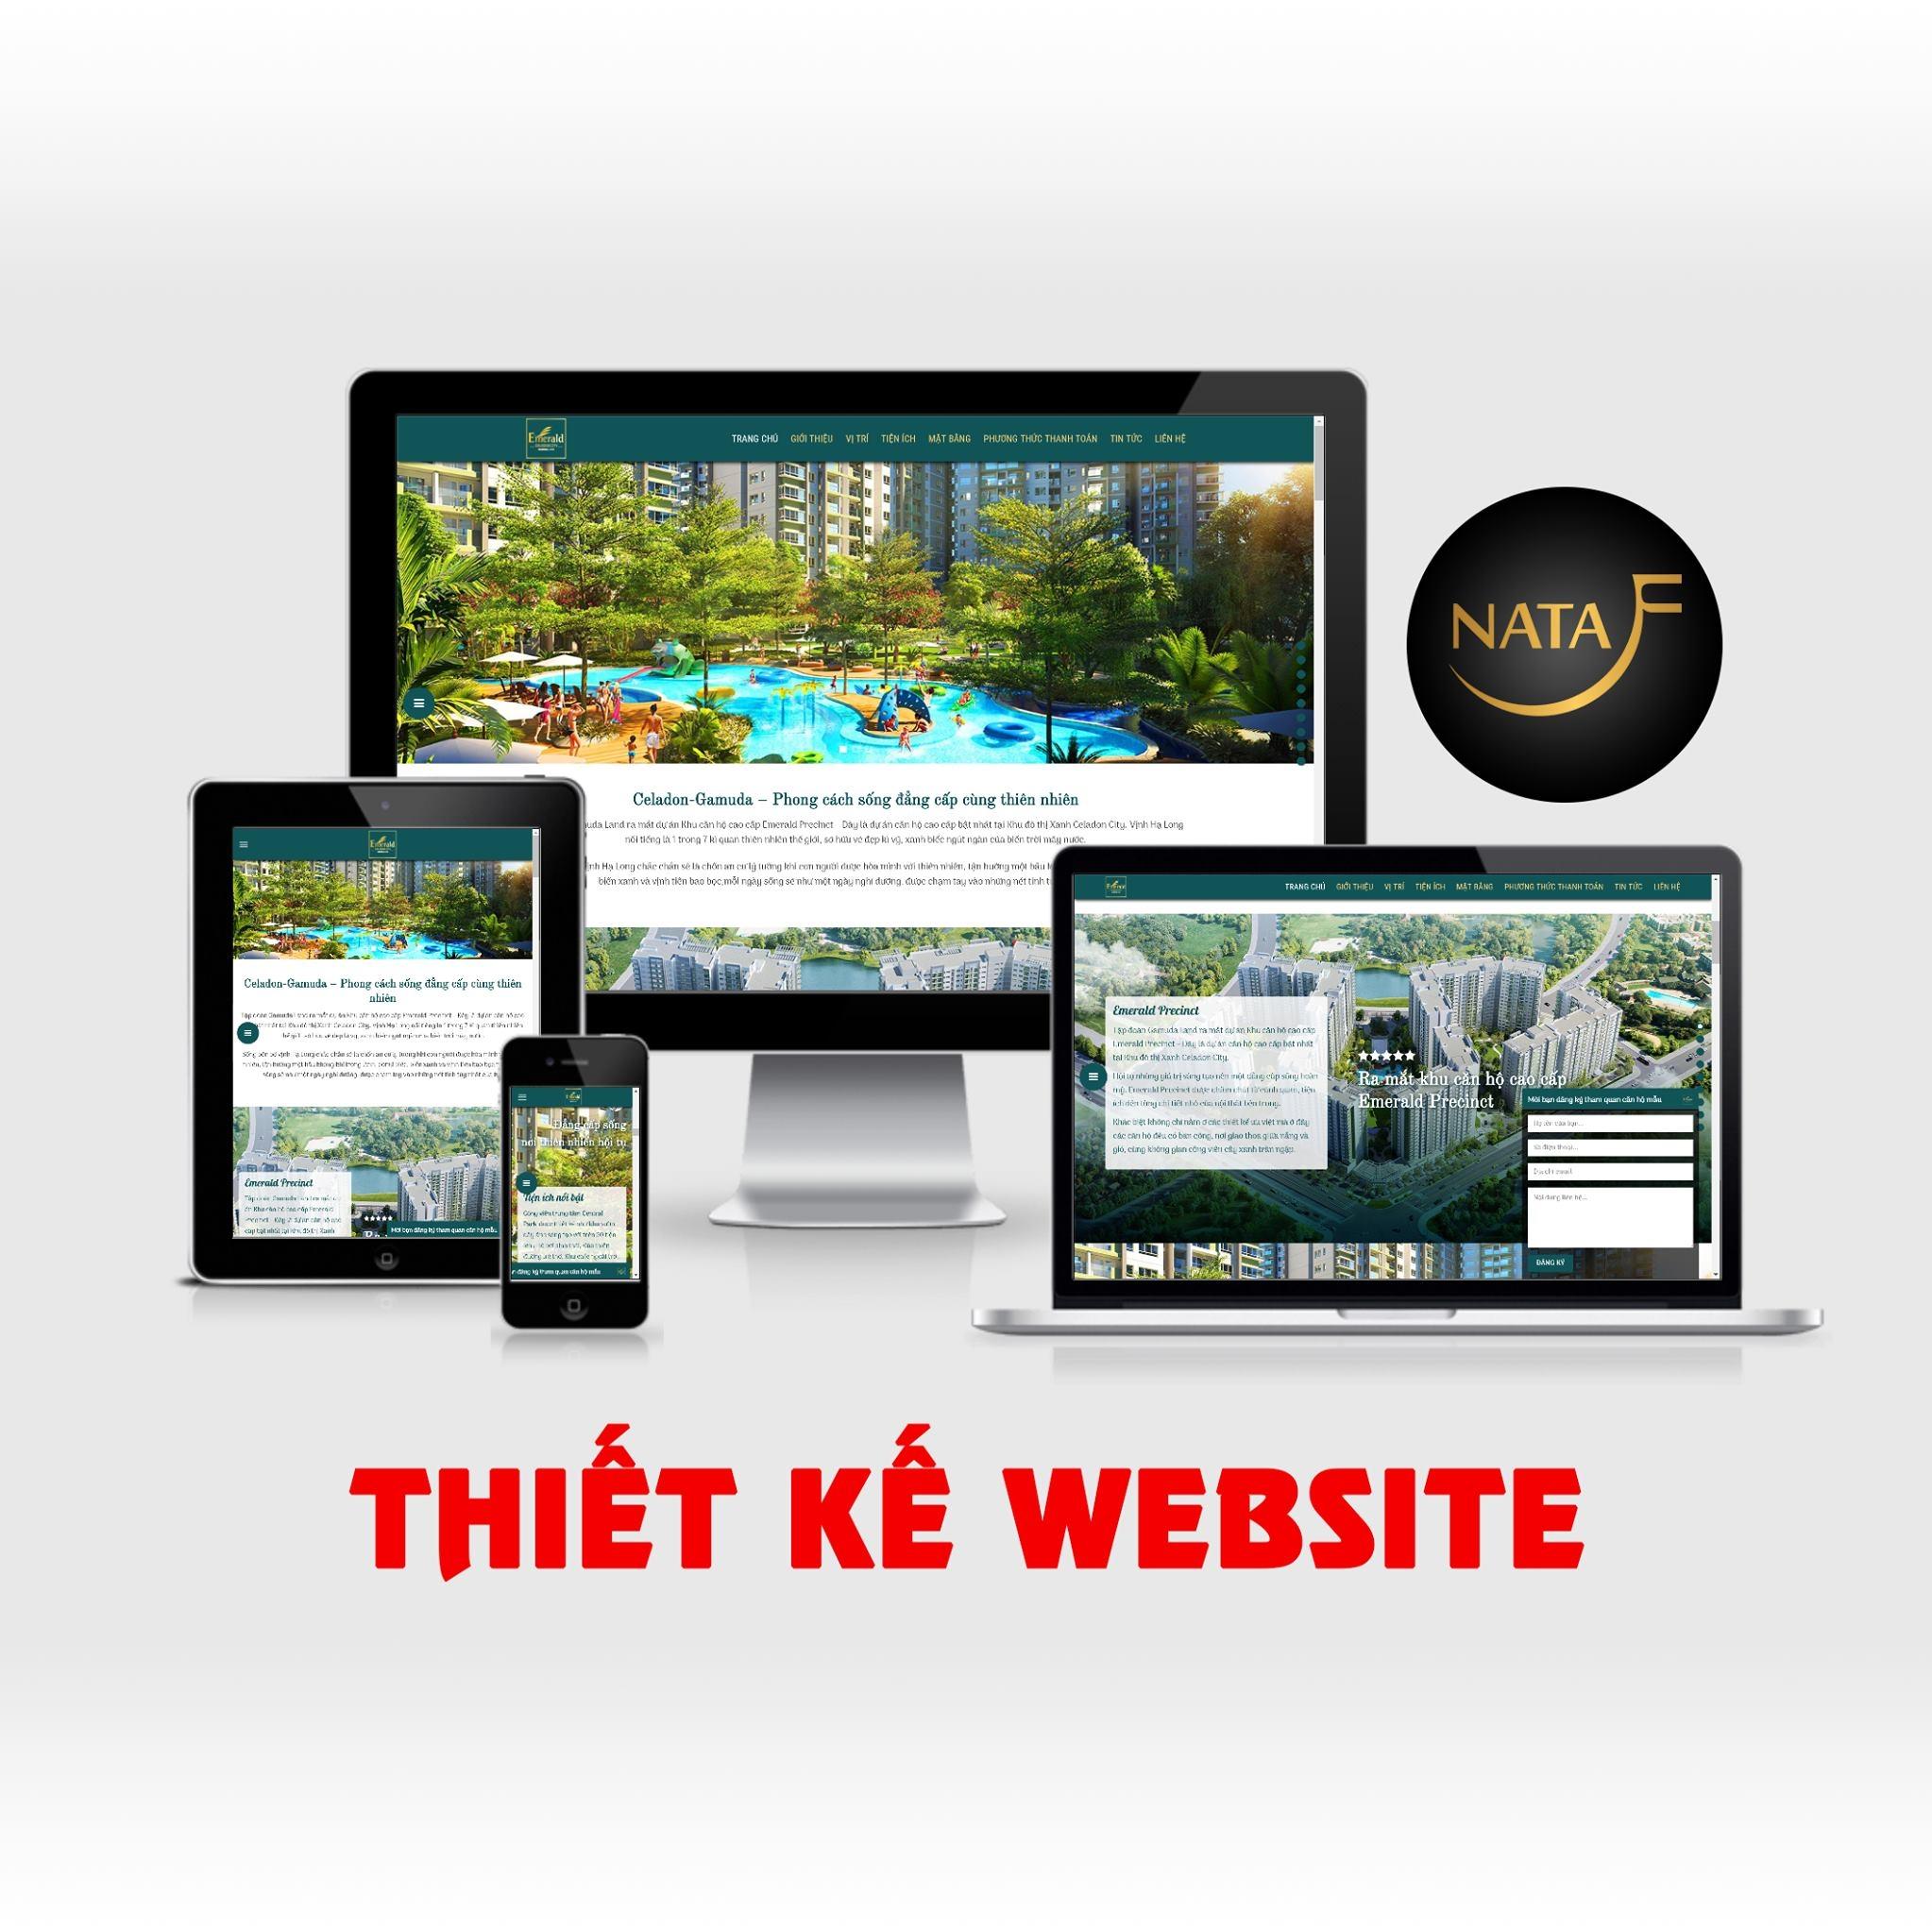 Dịch vụ thiết kế website chuẩn SEO của NATAFU tại Bình Dương